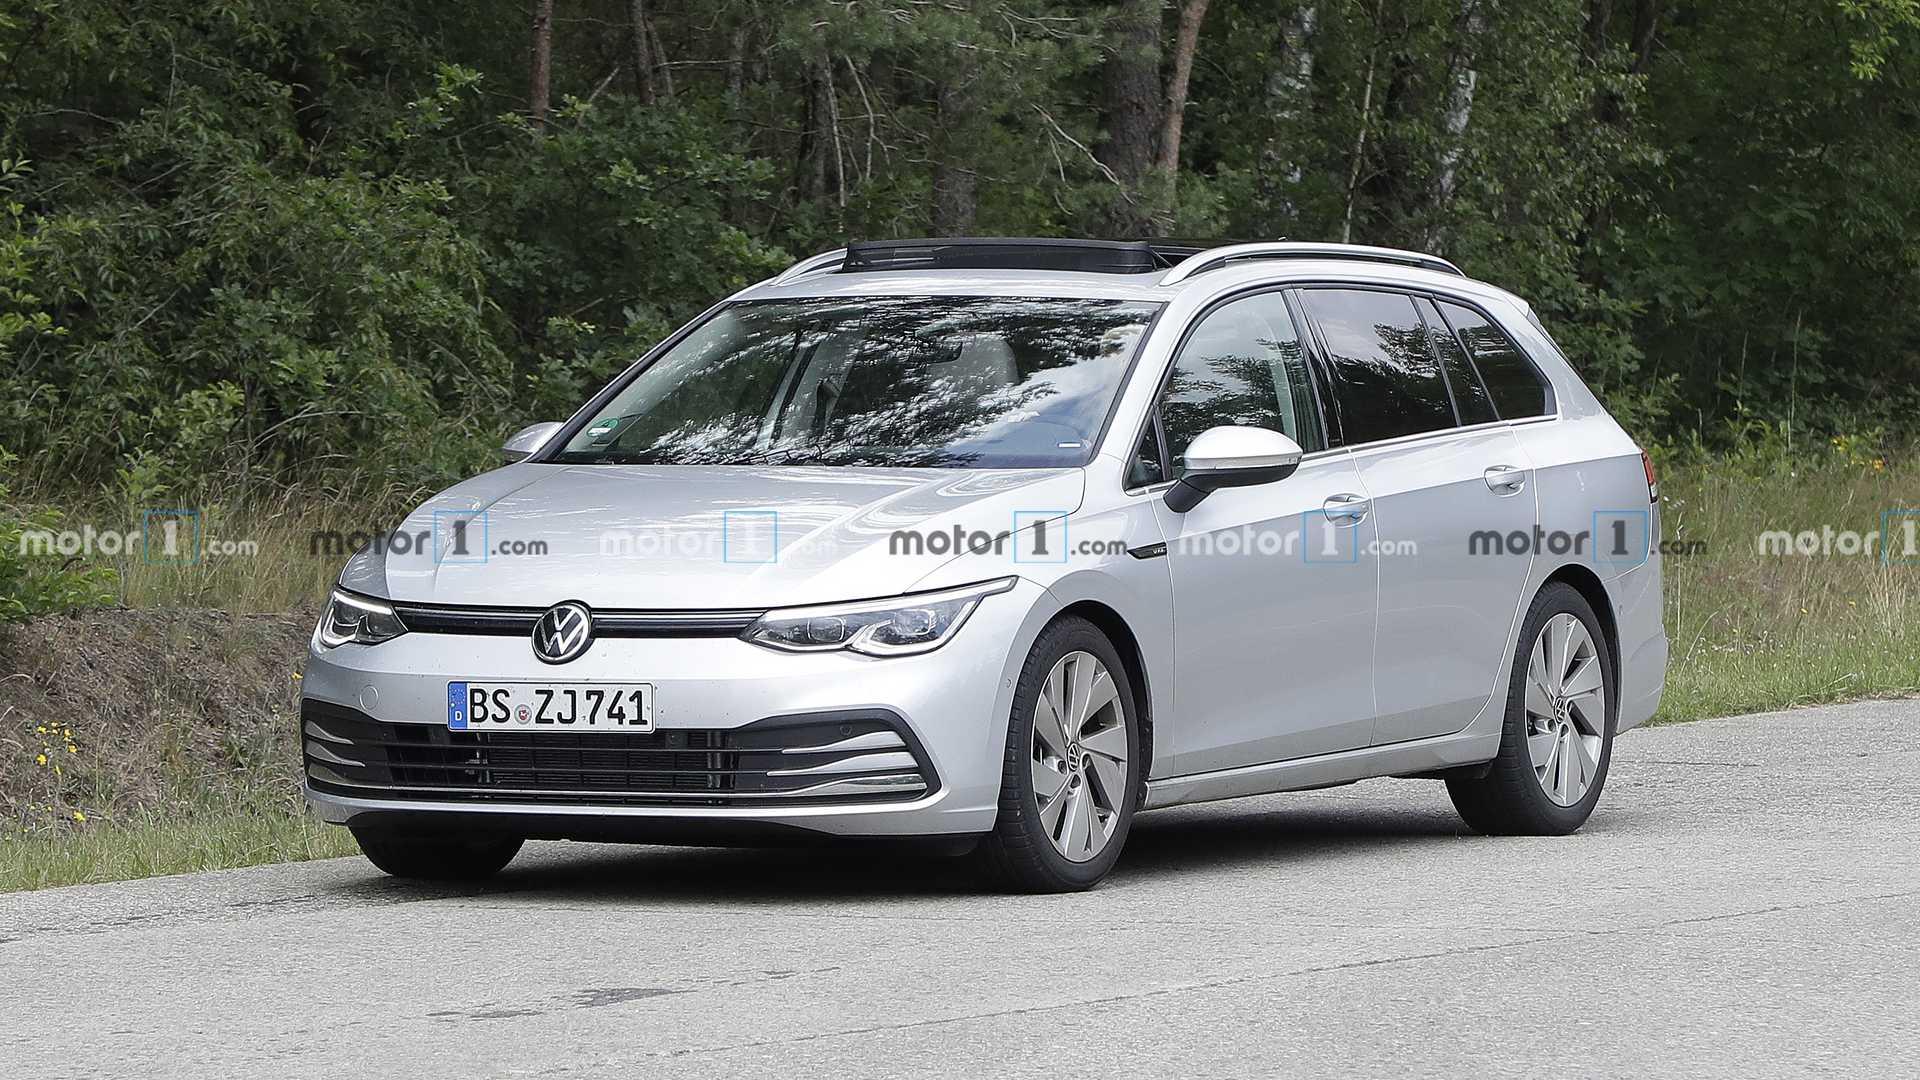 FormaCar: Volkswagen Golf R estate/wagon caught running around naked